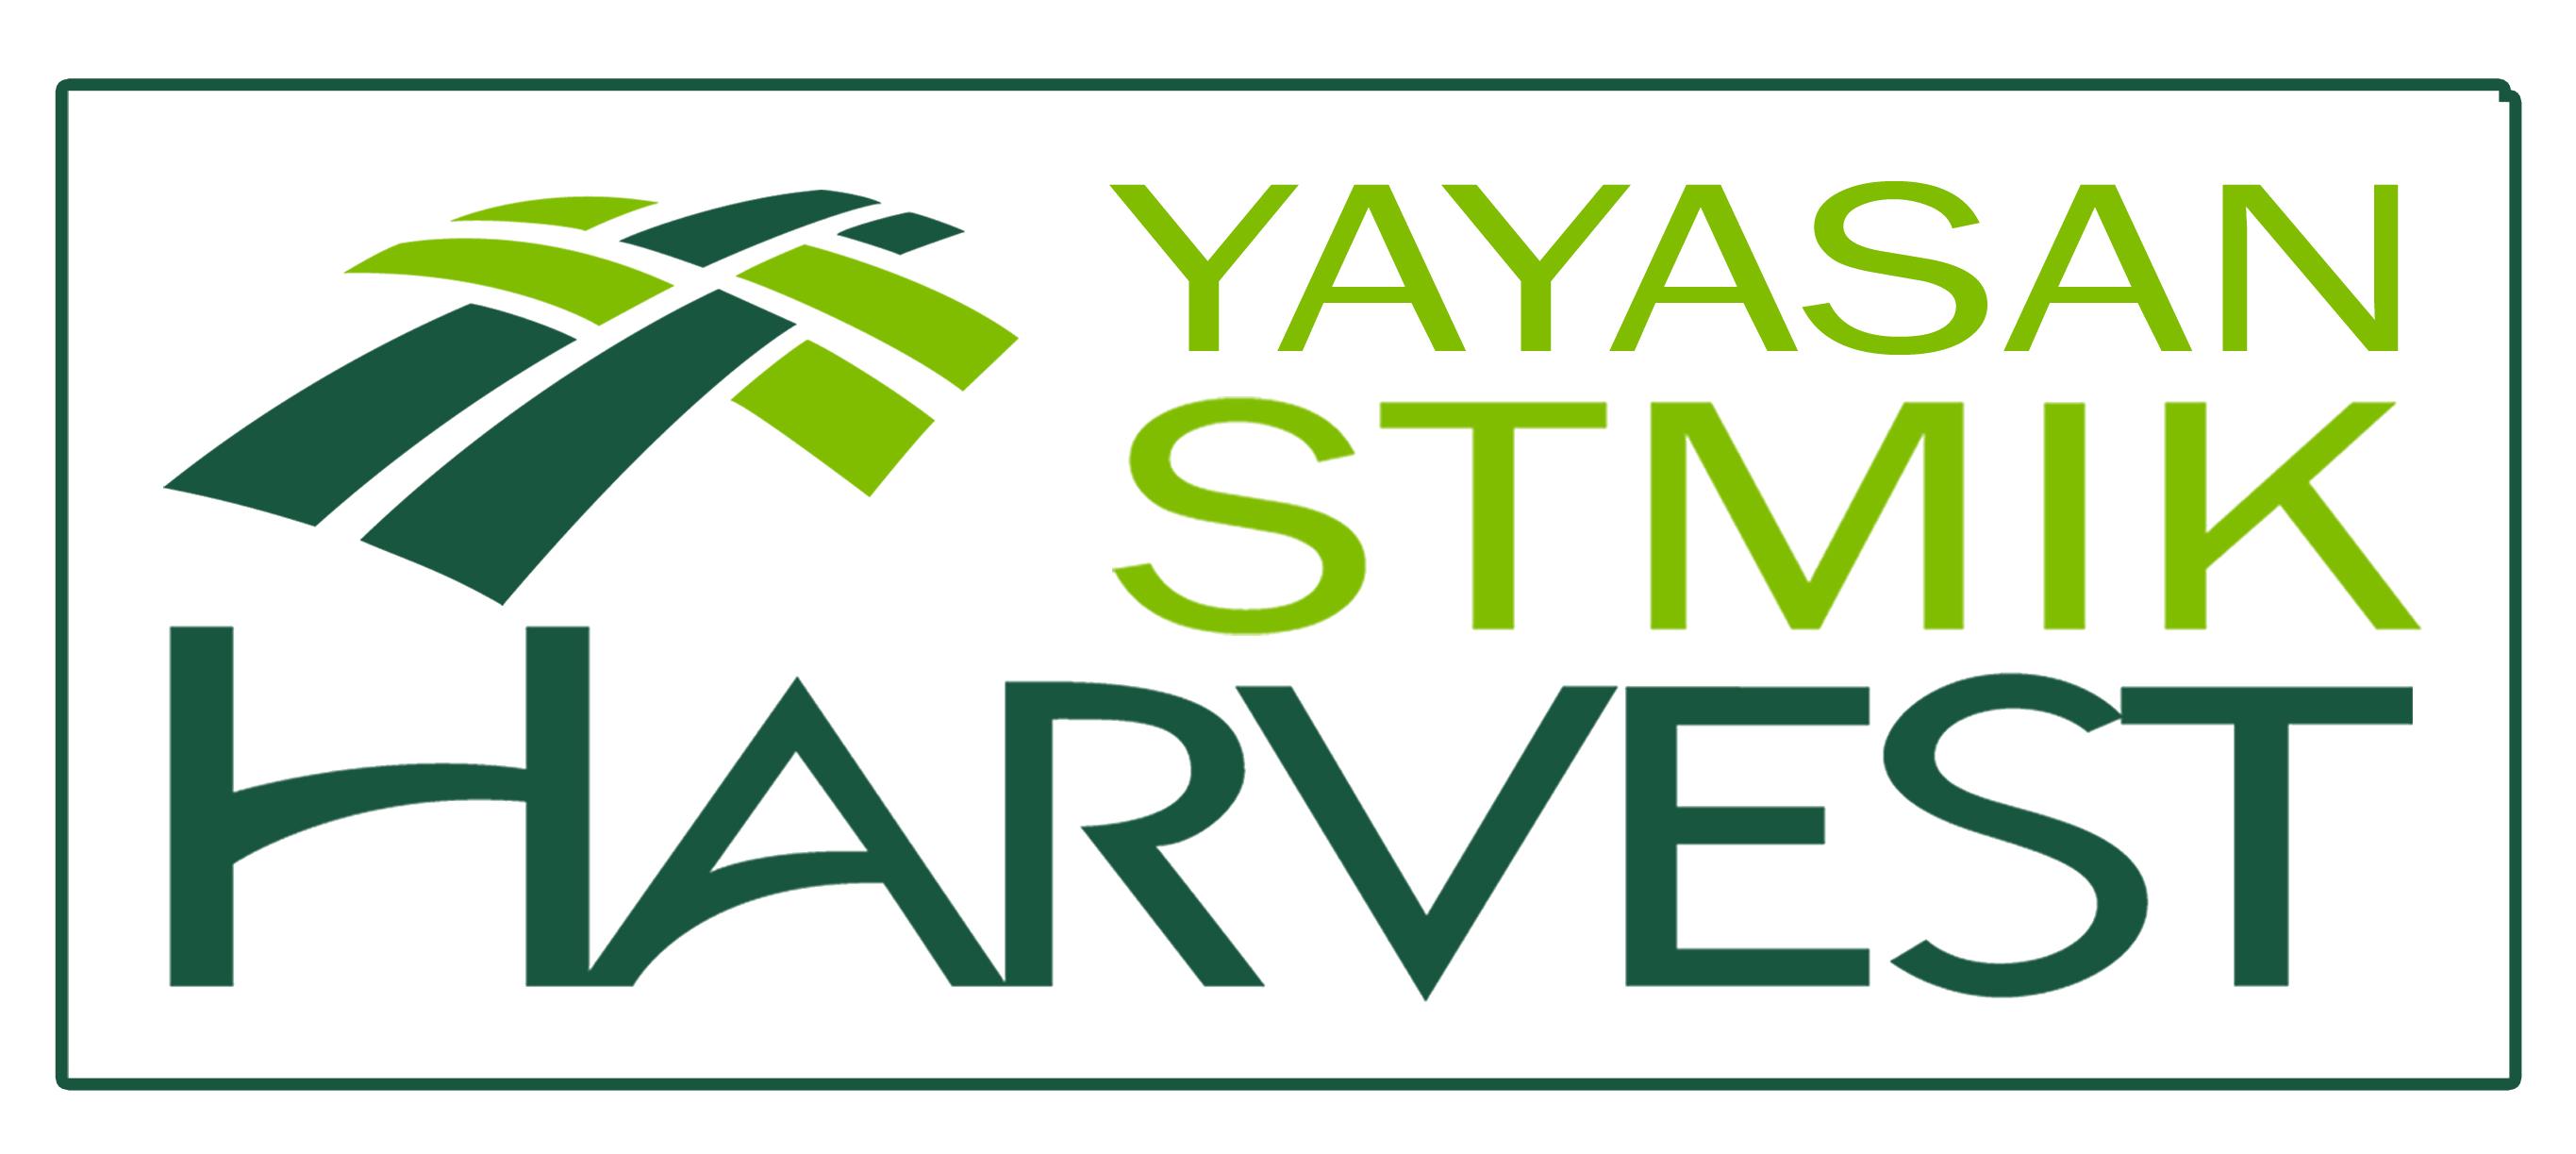 Yayasan STMIK Harvest